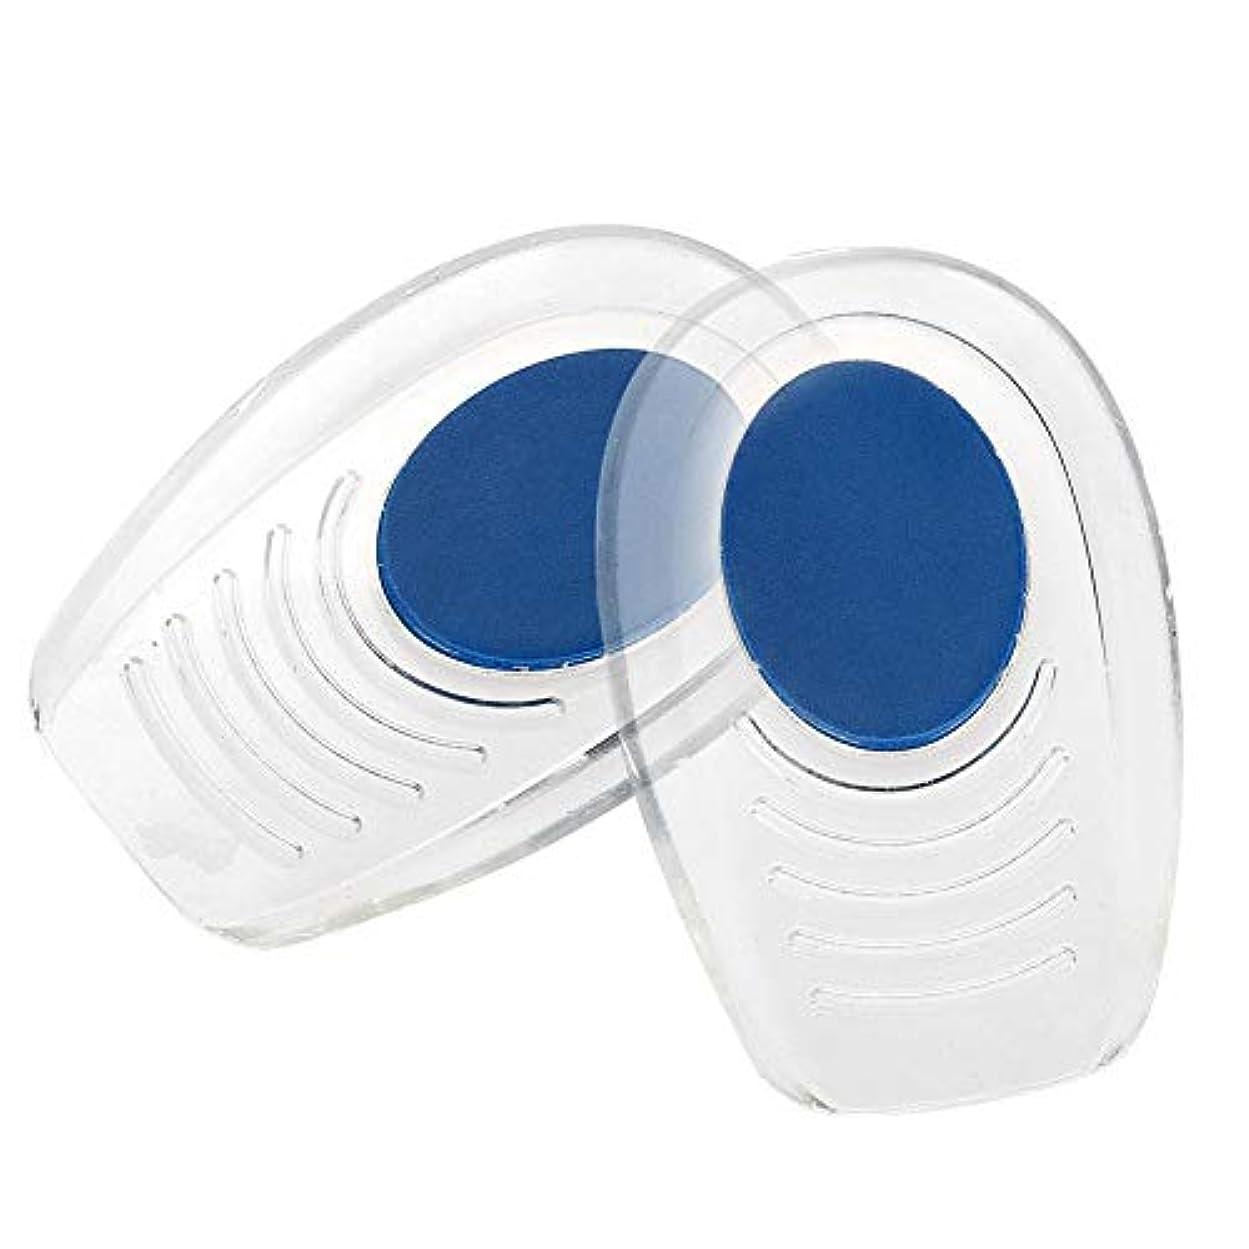 余韻万歳こするソフトインソール かかと痛みパッド   シリコーン衝撃吸収ヒールパッド (滑り止めテクスチャー付) ブルー パッドフットケアツール (S(7*10.5CM))